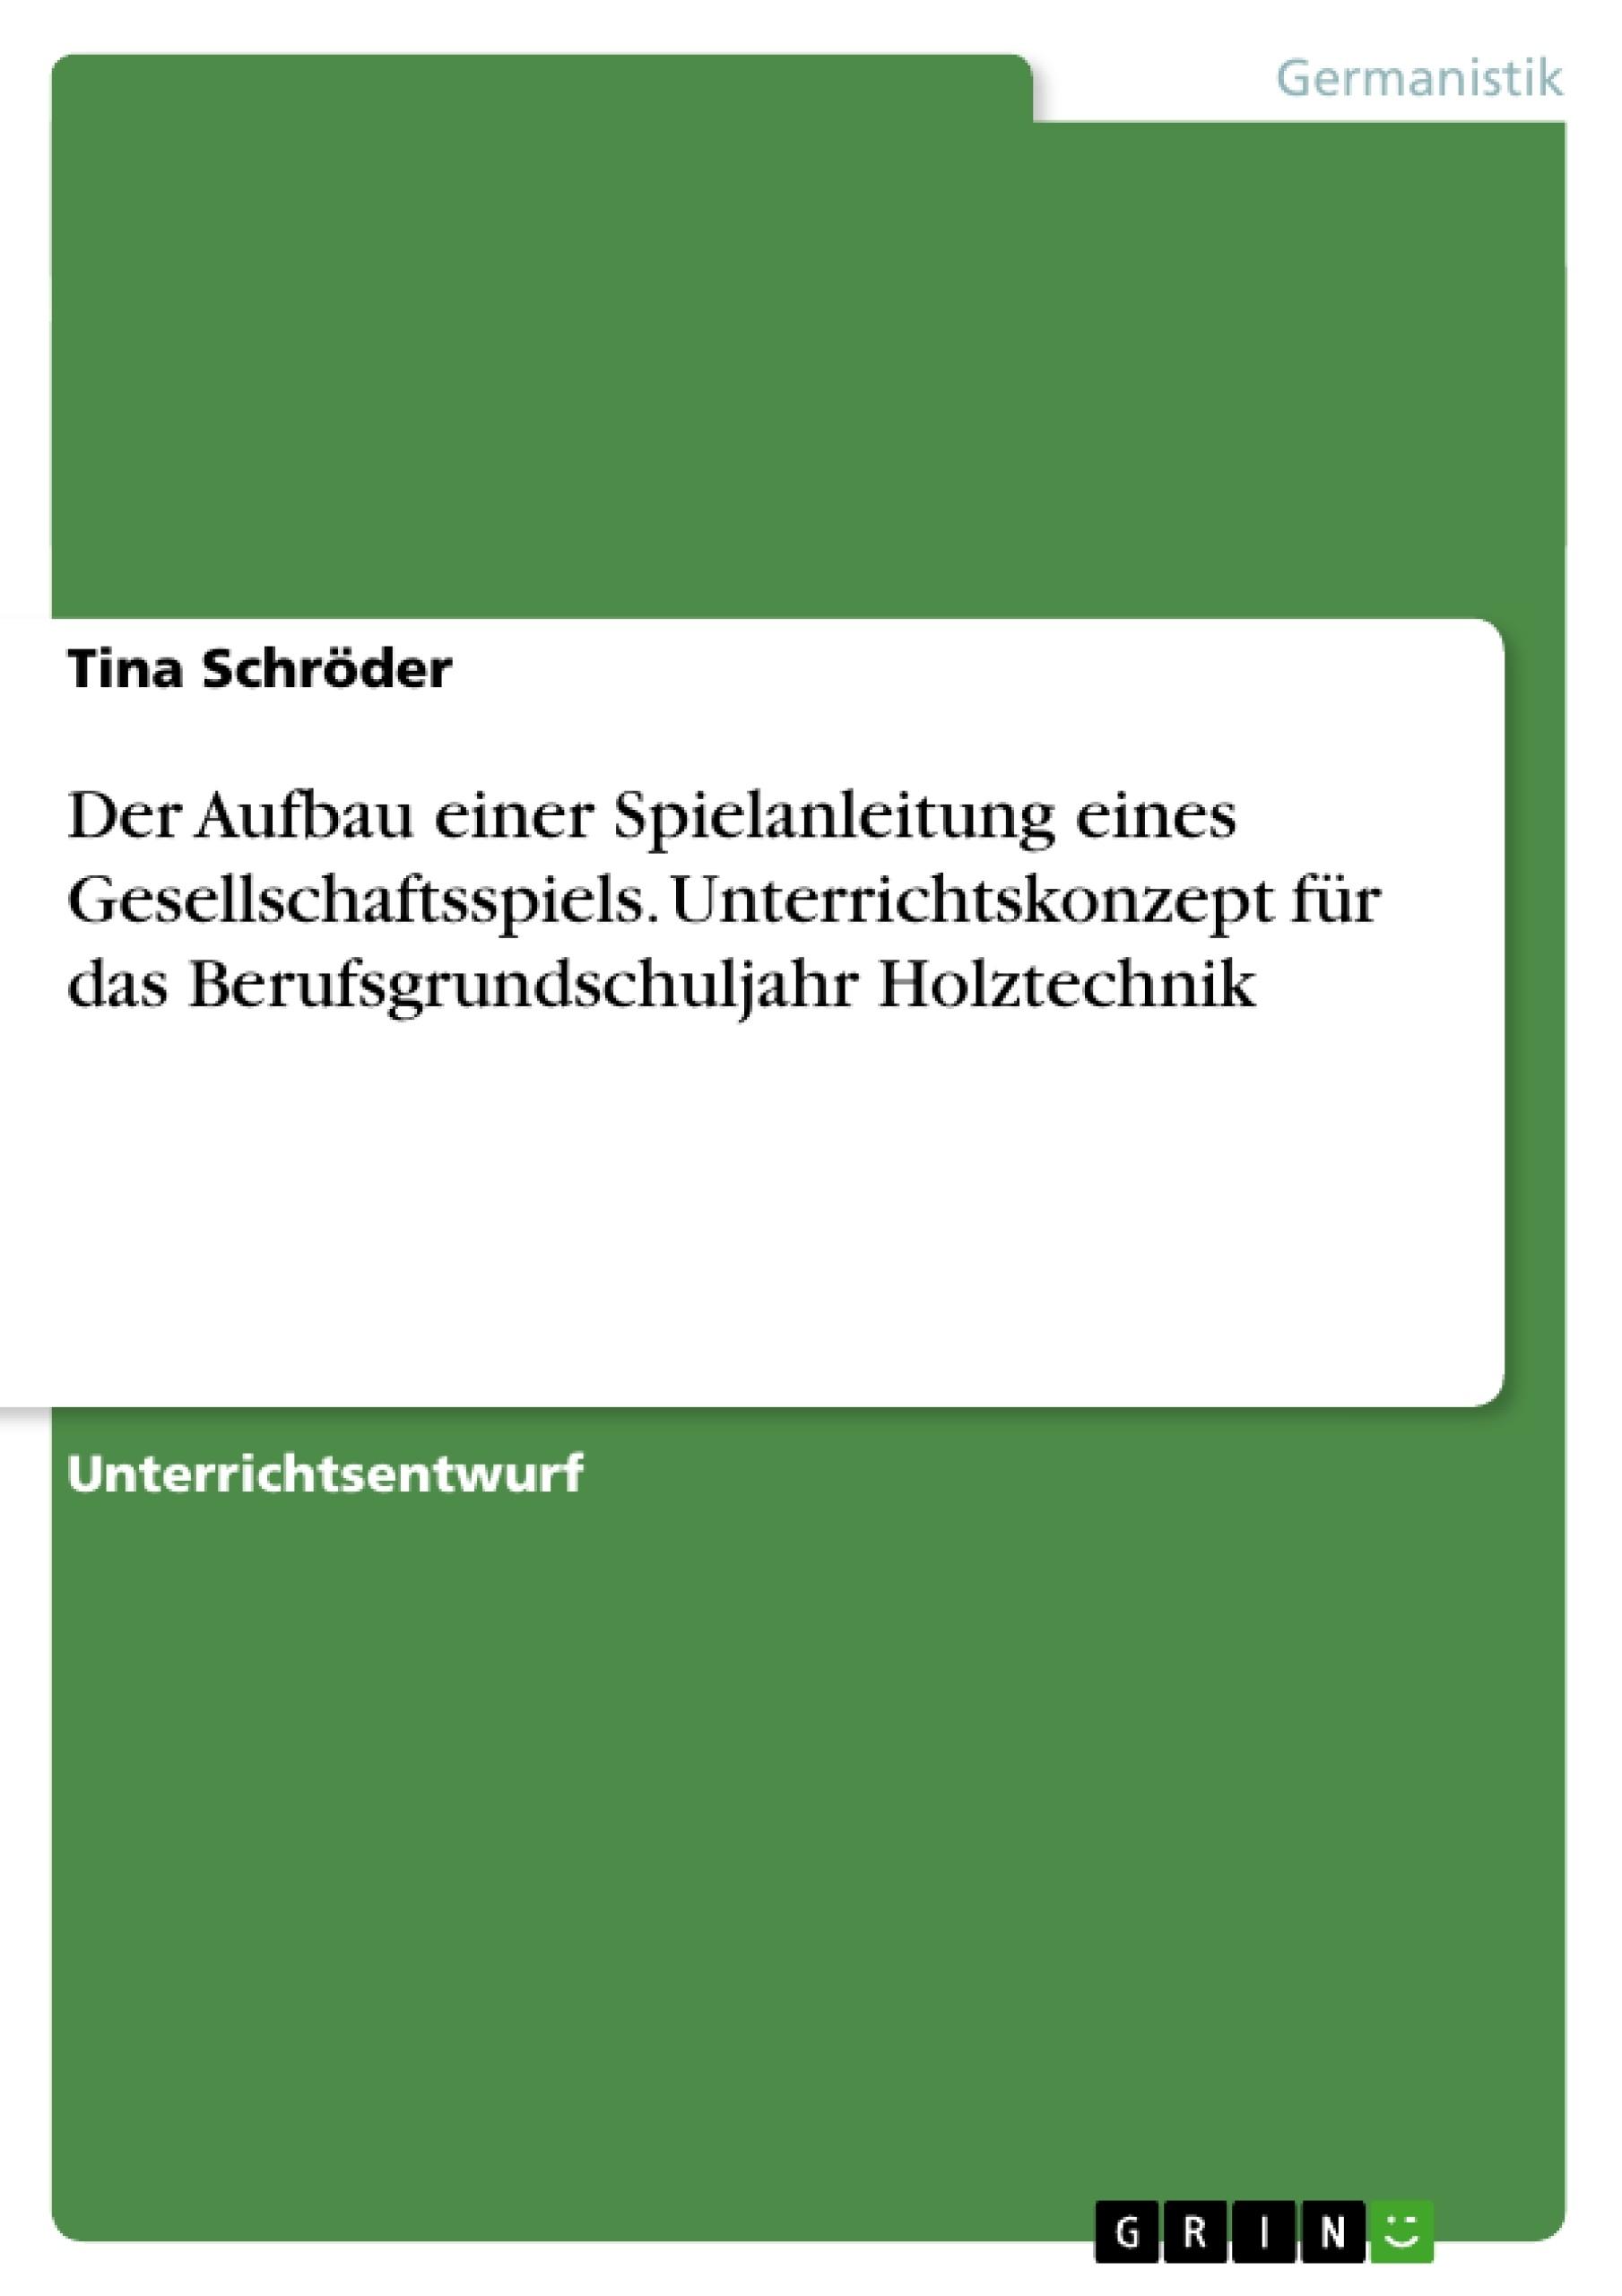 Titel: Der Aufbau einer Spielanleitung eines Gesellschaftsspiels. Unterrichtskonzept für das Berufsgrundschuljahr Holztechnik